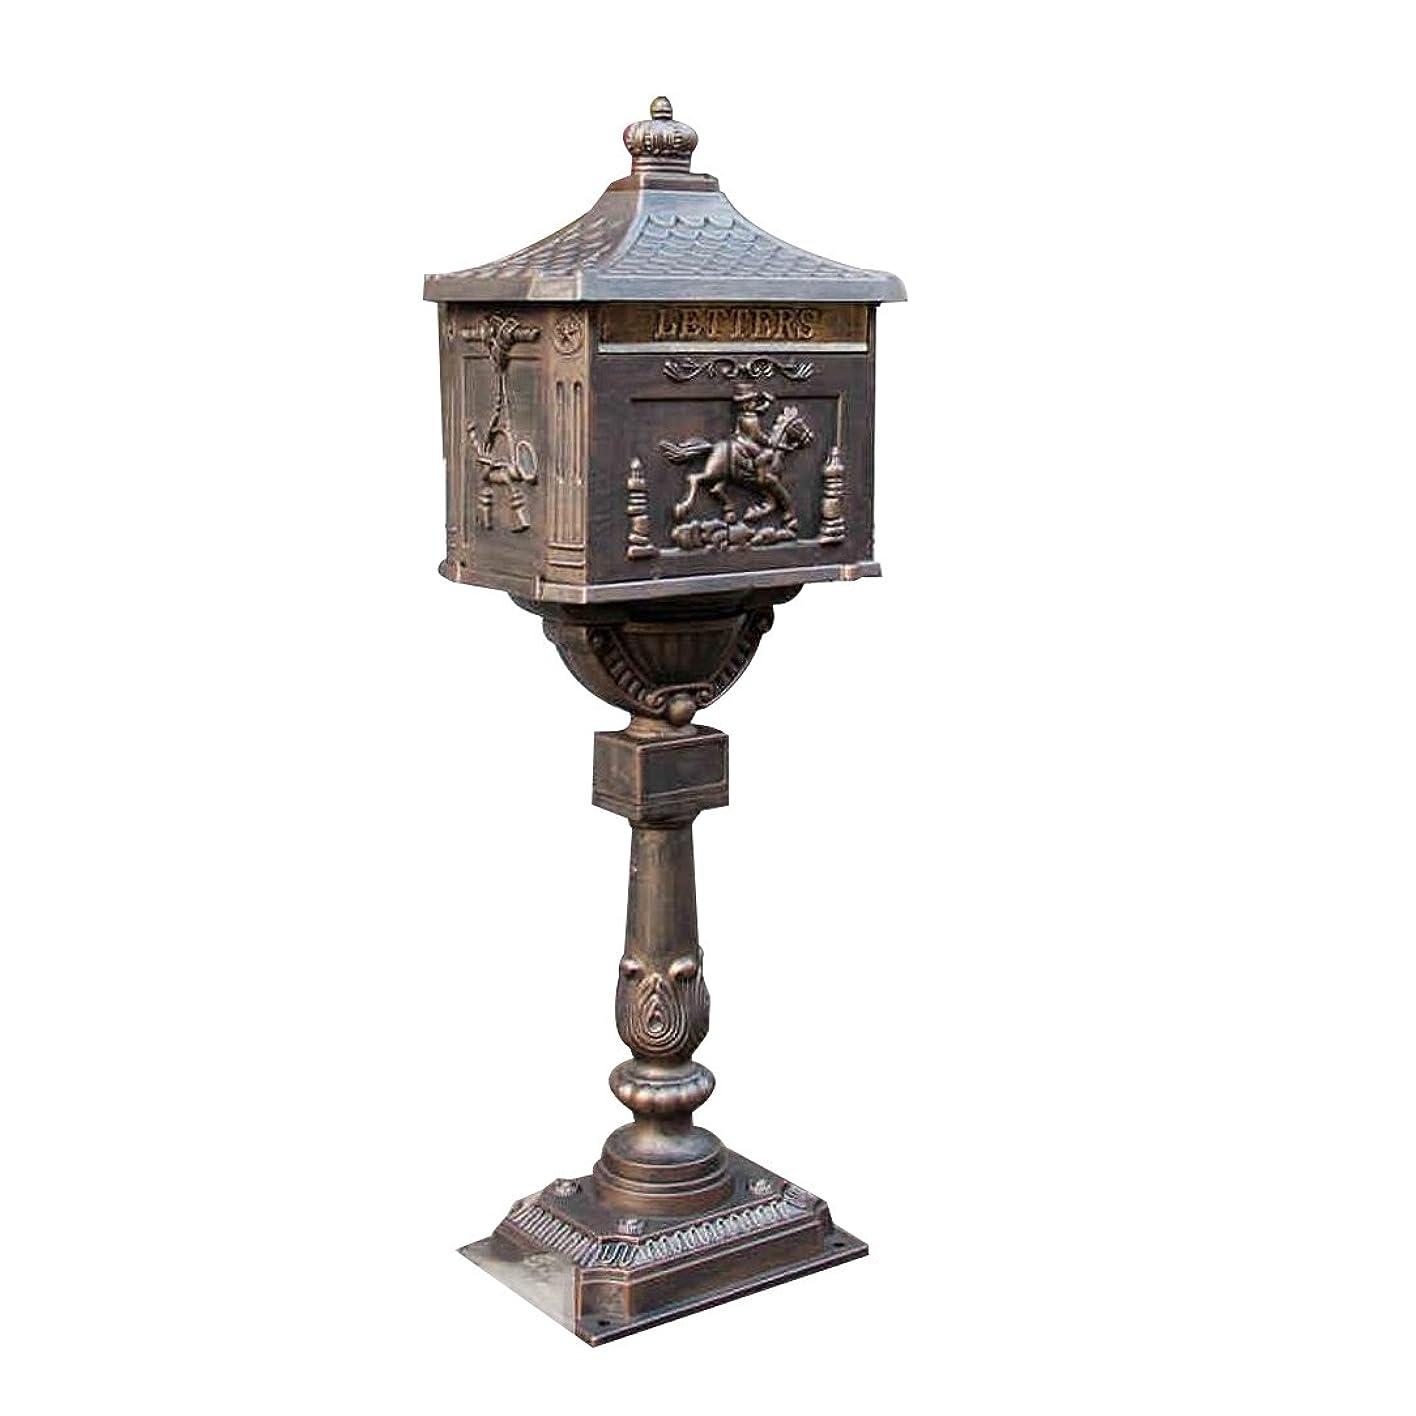 十代の若者たち主導権礼拝RMJAI メールボックス フロアスタンドメールボックス、ヨーロッパのレトロアルミ防水メールボックス (色 : ブロンズ)